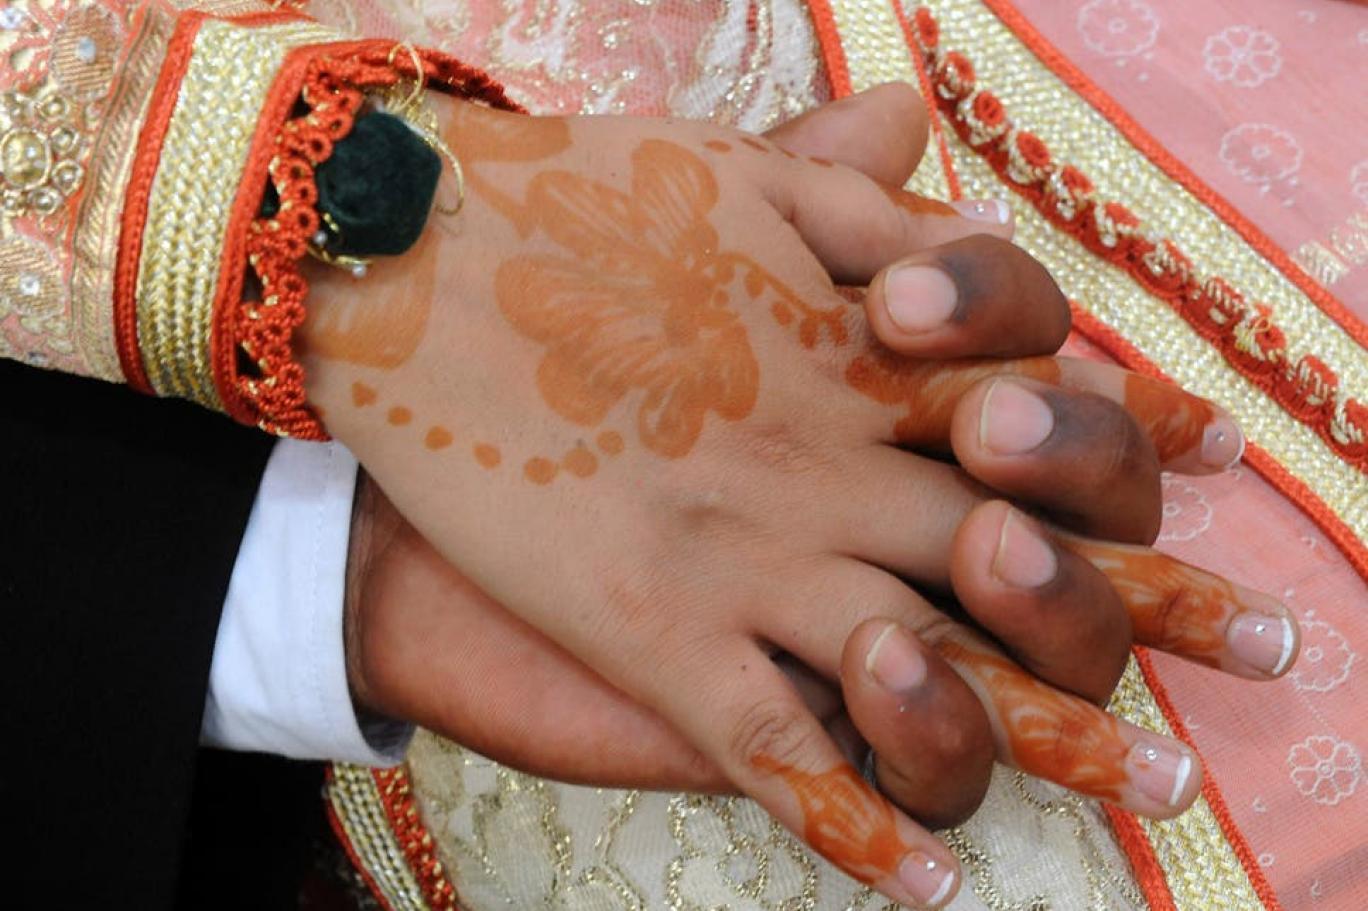 ما العائق فعلياً من تسجيل الزواج الديني لدى سلطات مدنية رسمية؟